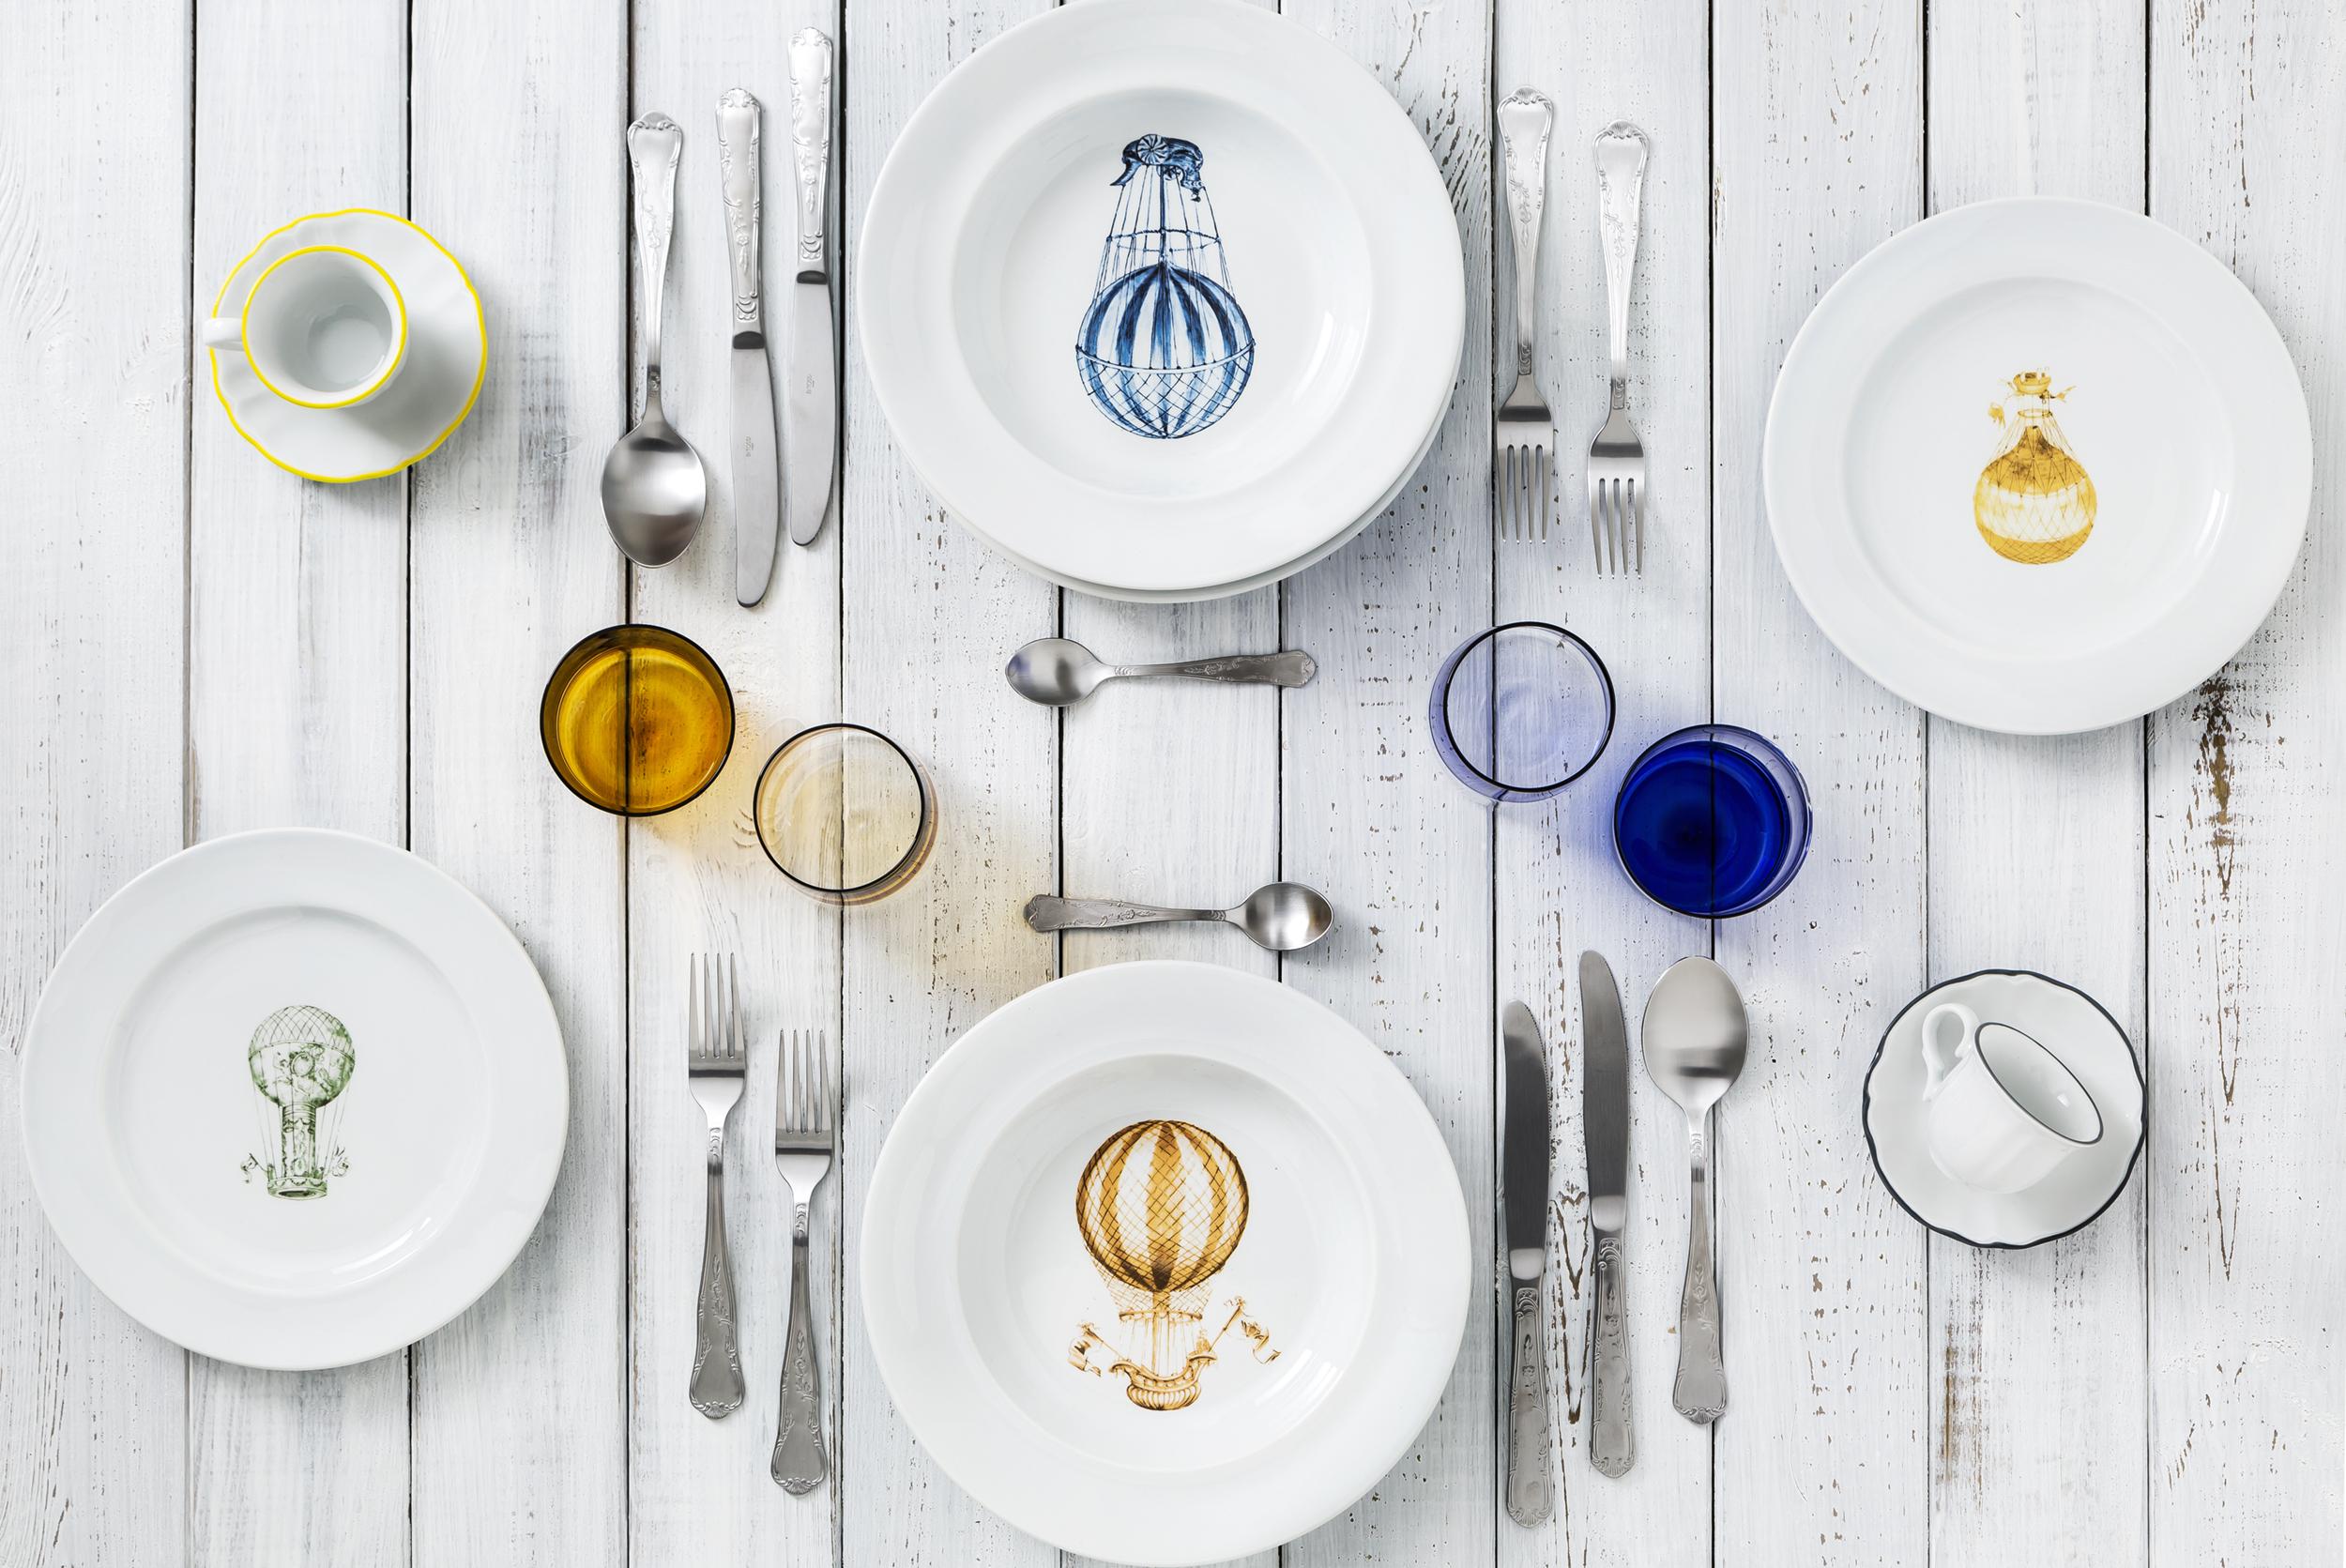 02-Dalani-tavola-Colour-Splash-trend-Primavera- laboratorio paravicini mongolfiera come apparecchiare tavola